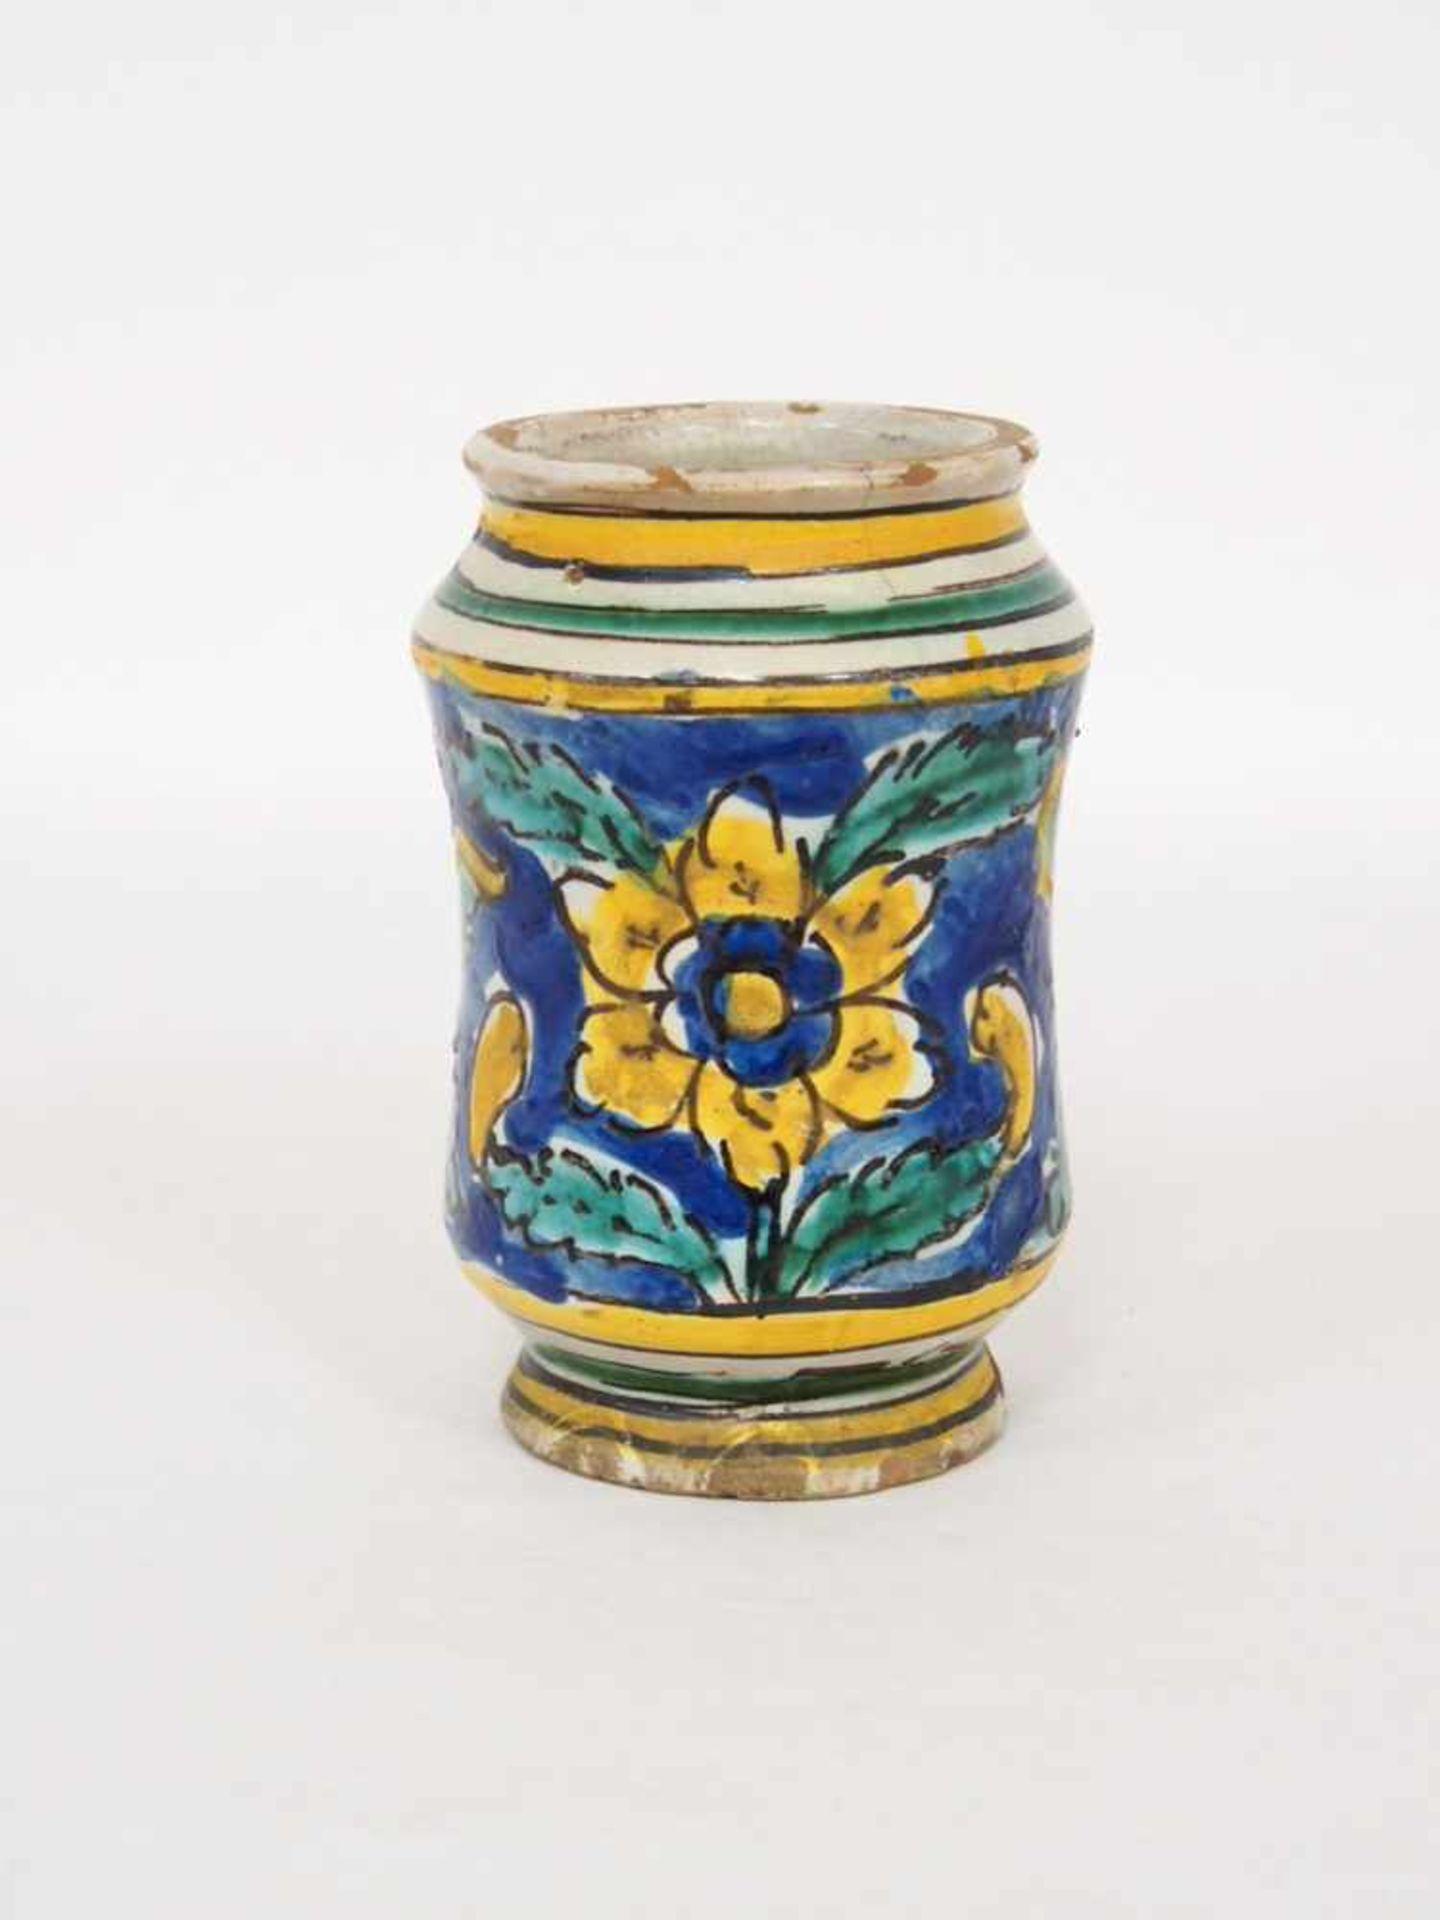 Kleiner AlbarelloFayence, kobaldblauer Grund, Blumen, Rankenwerk, Caltagirone Anfang 18.